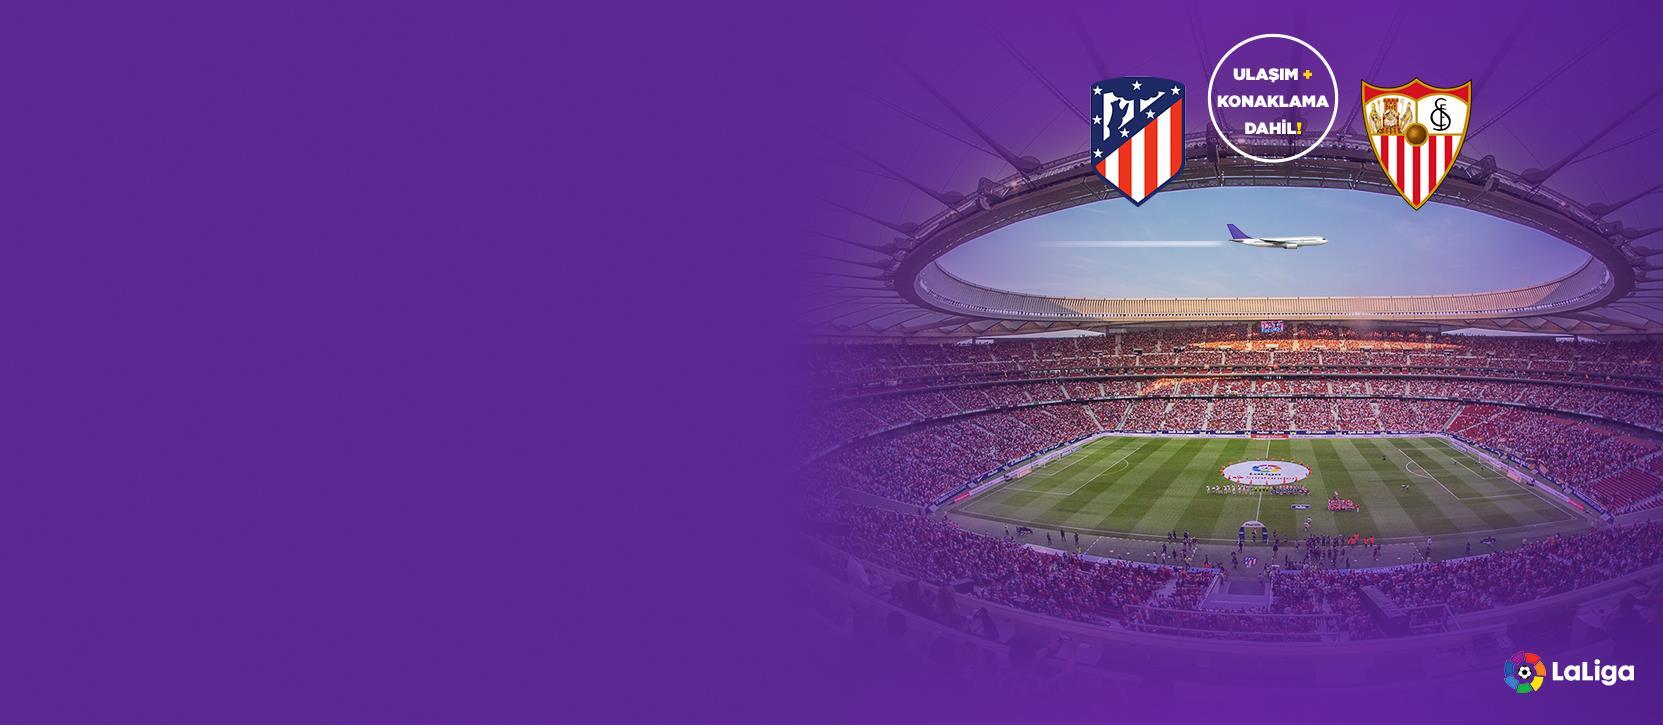 Digiturk Sizi Madrid'e Götürüyor.